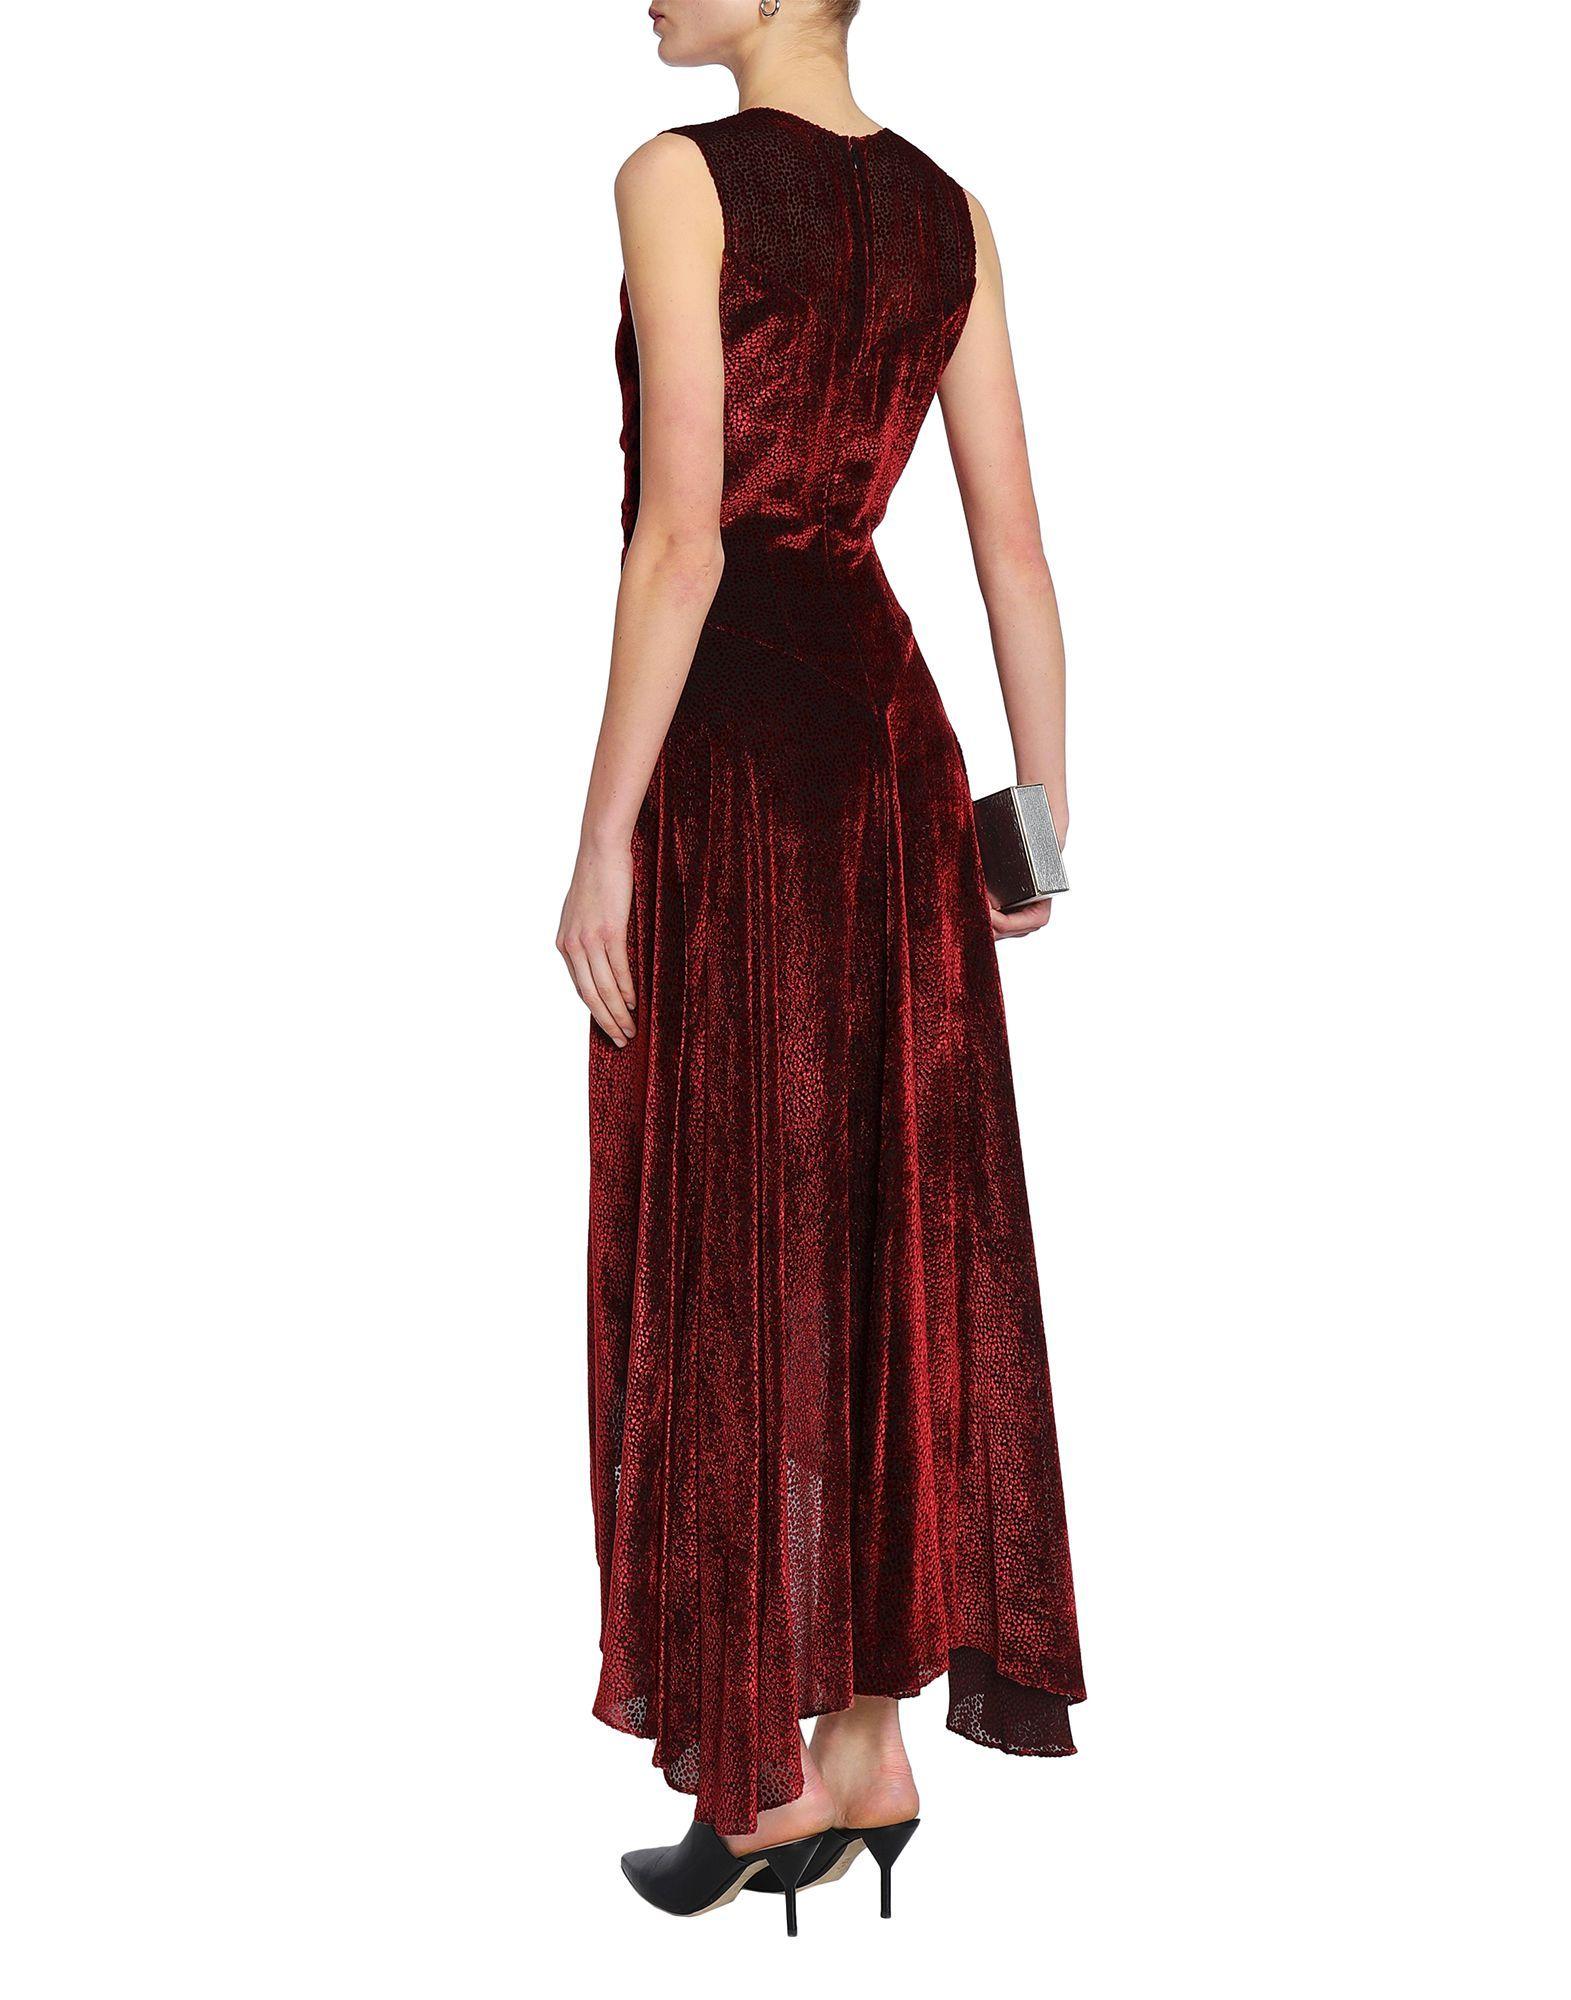 Rosetta Getty Maroon Velvet Full Length Dress